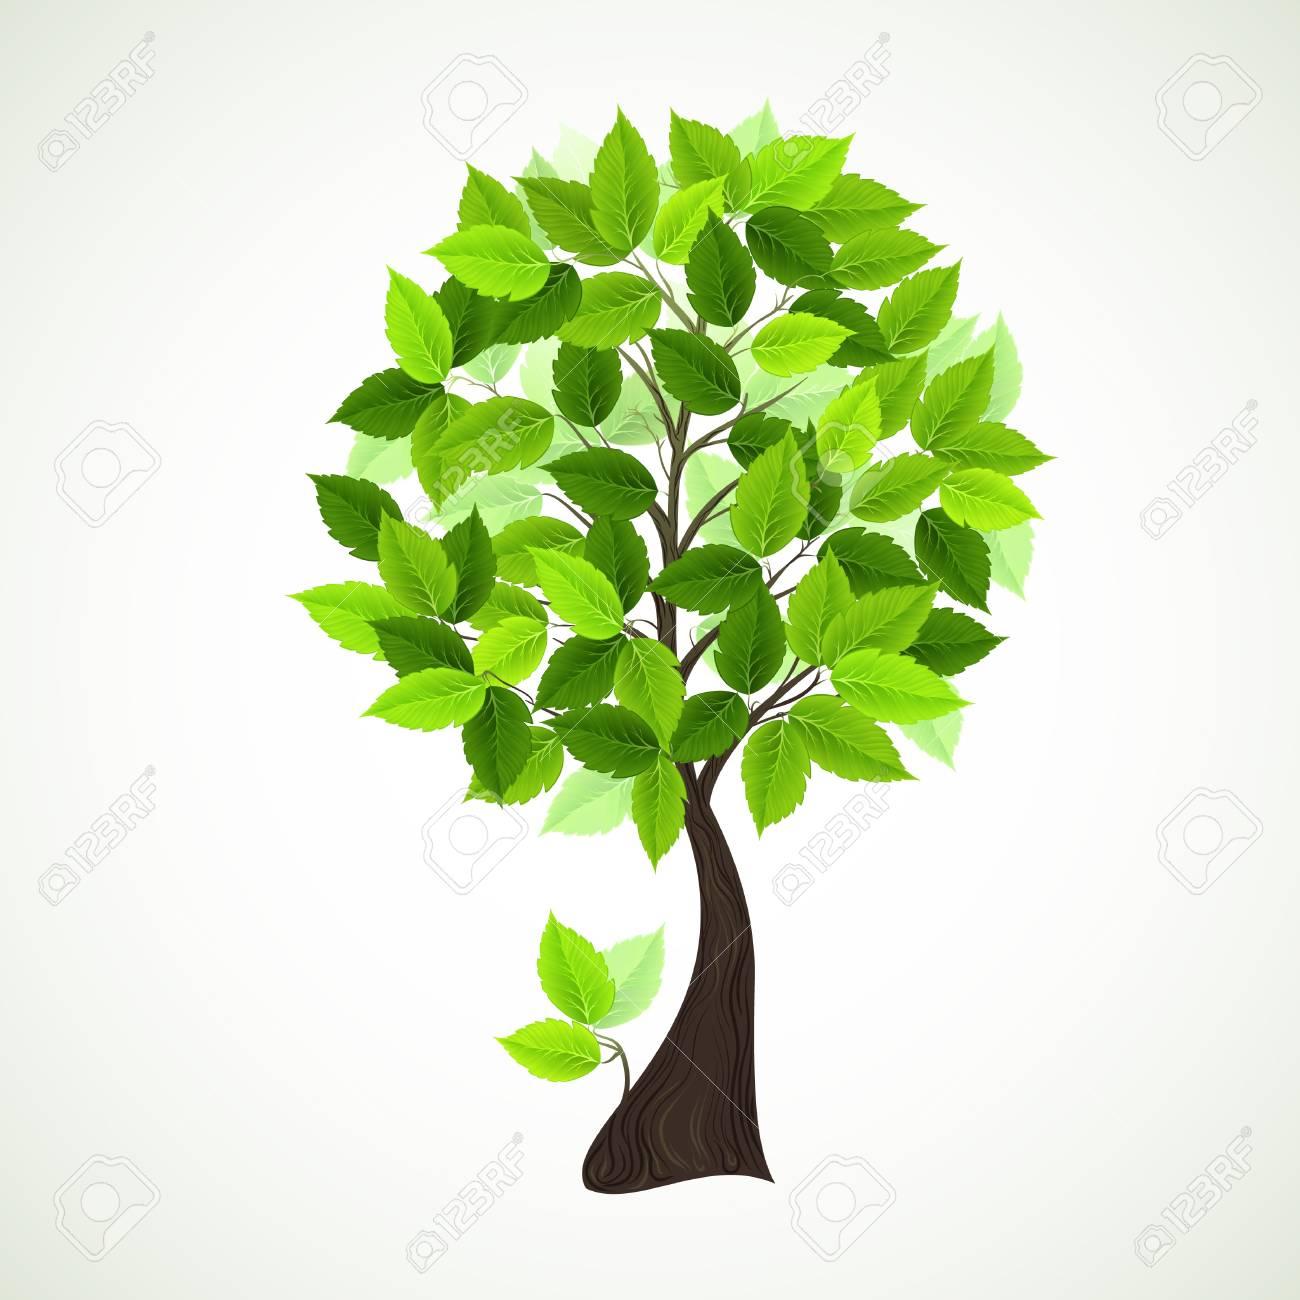 temporada árbol con hojas verdes ilustraciones vectoriales clip art